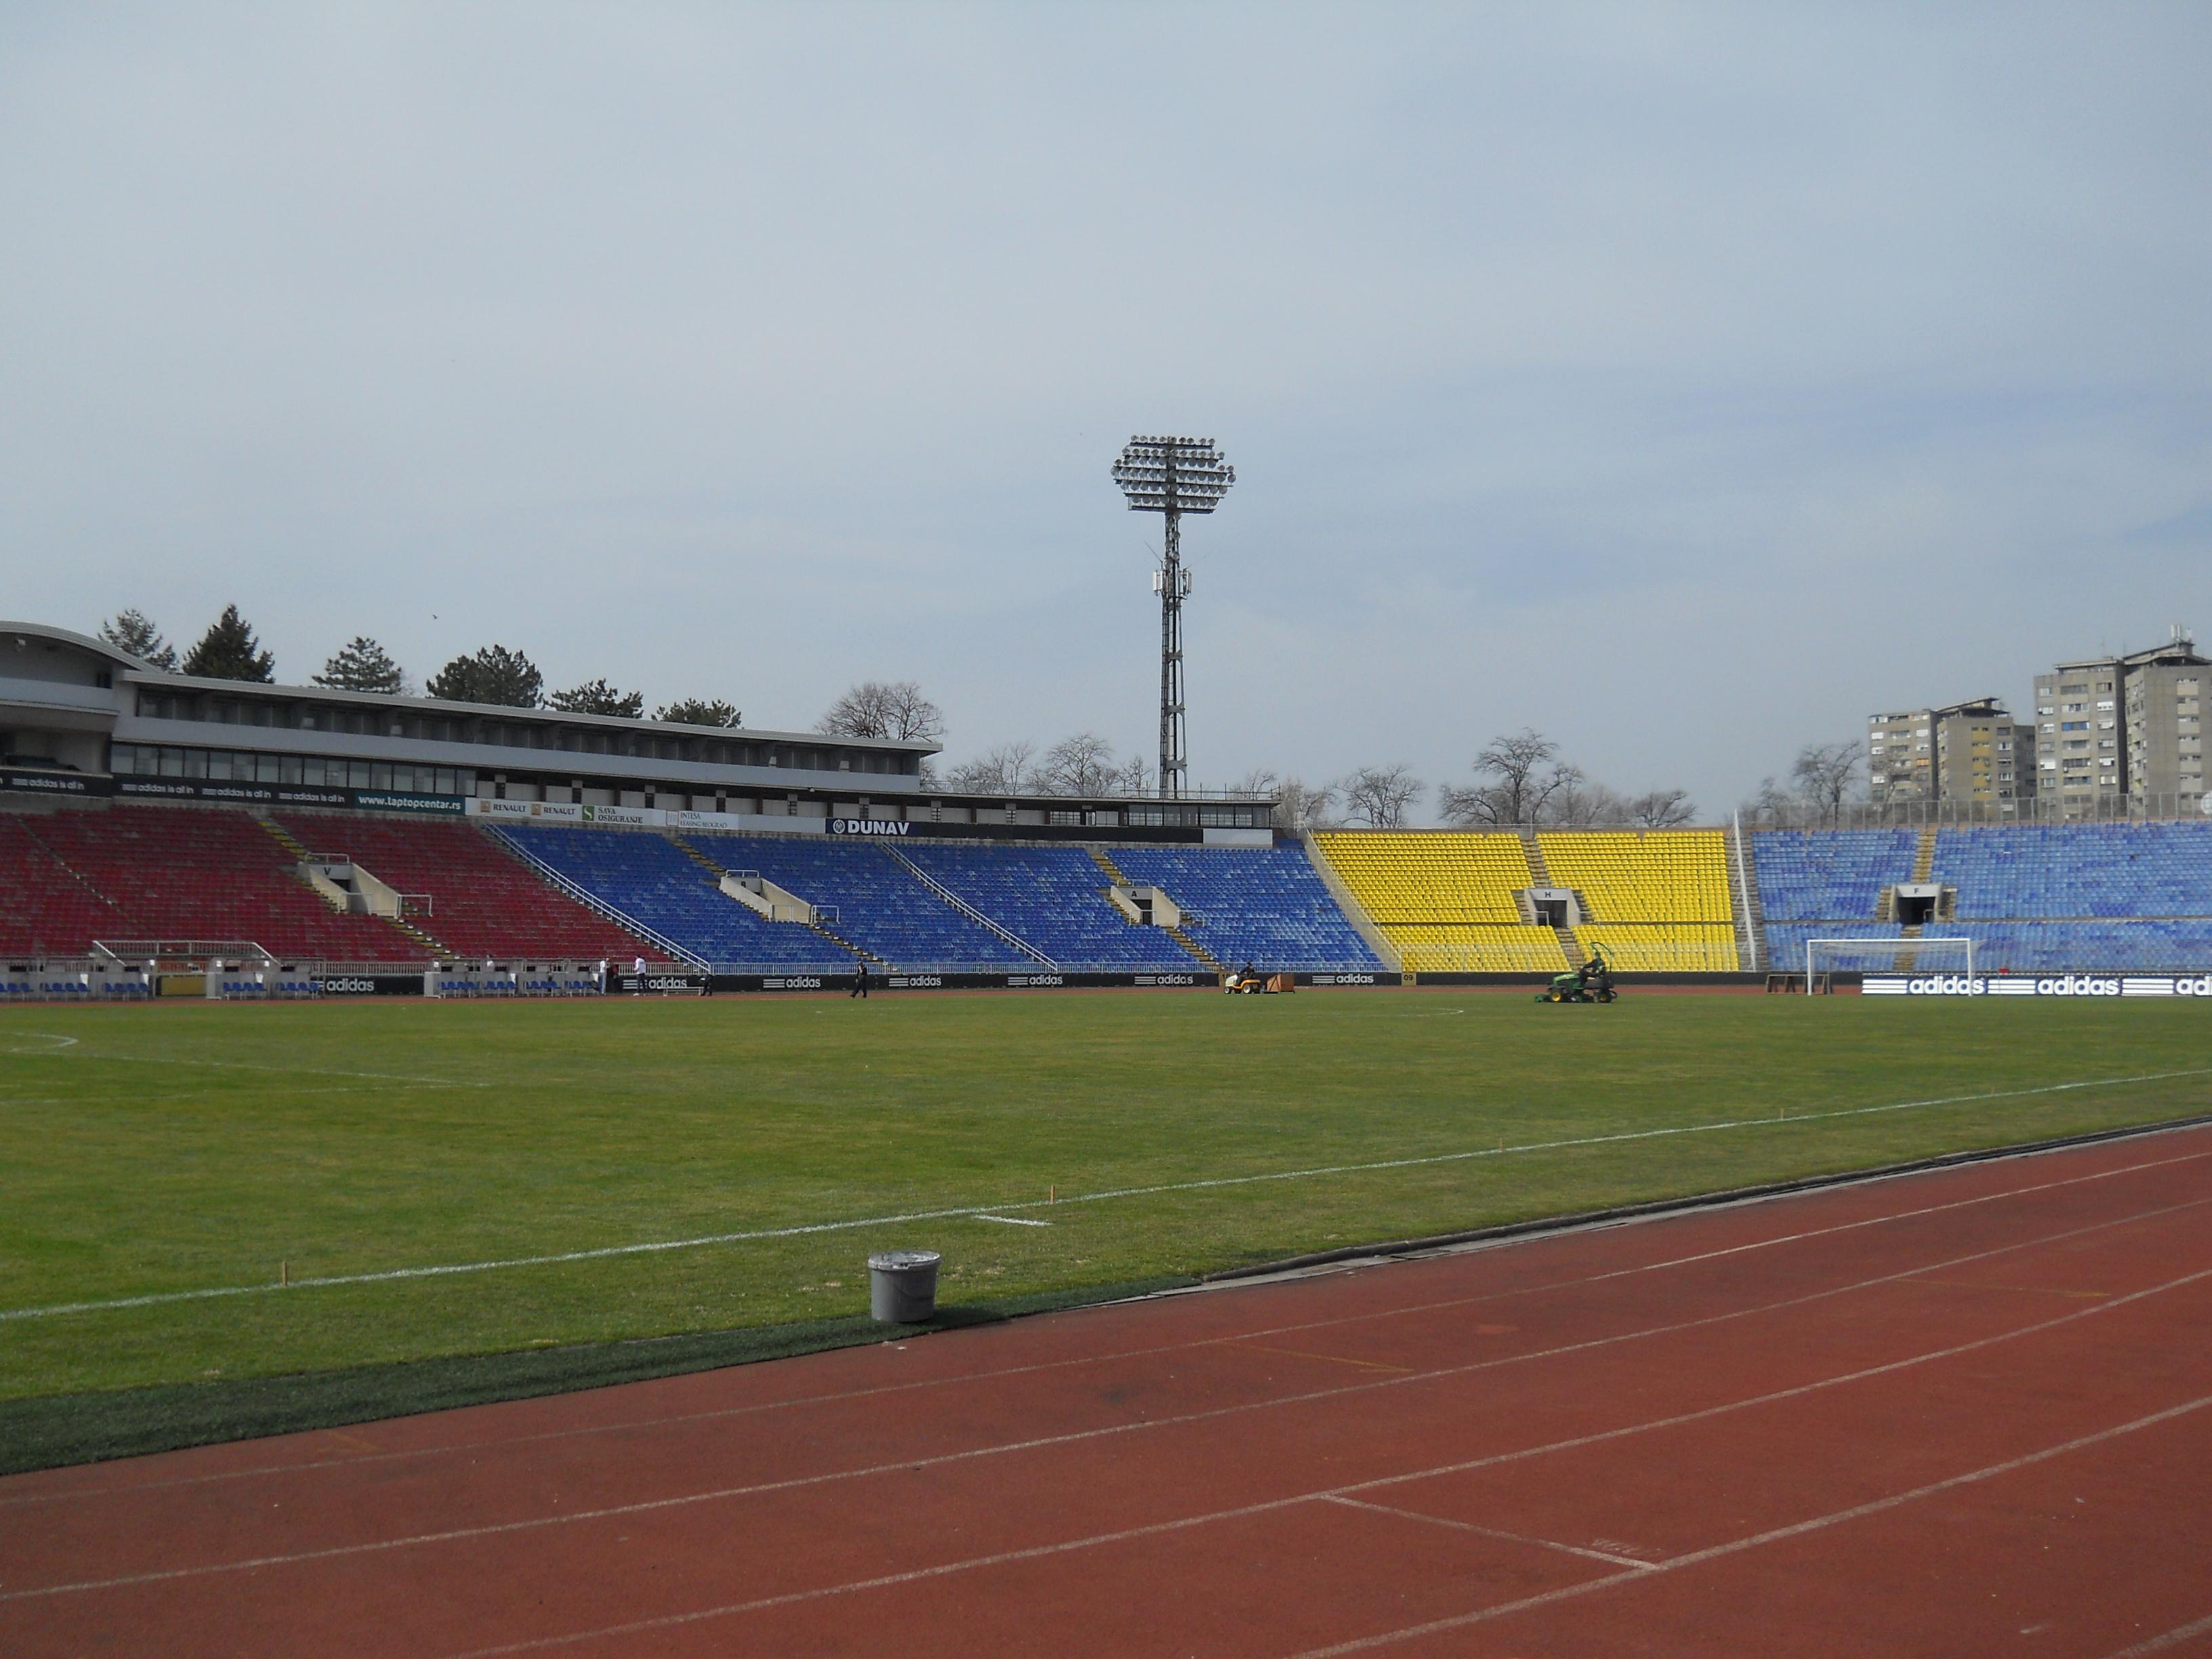 Depiction of Estadio Partizan